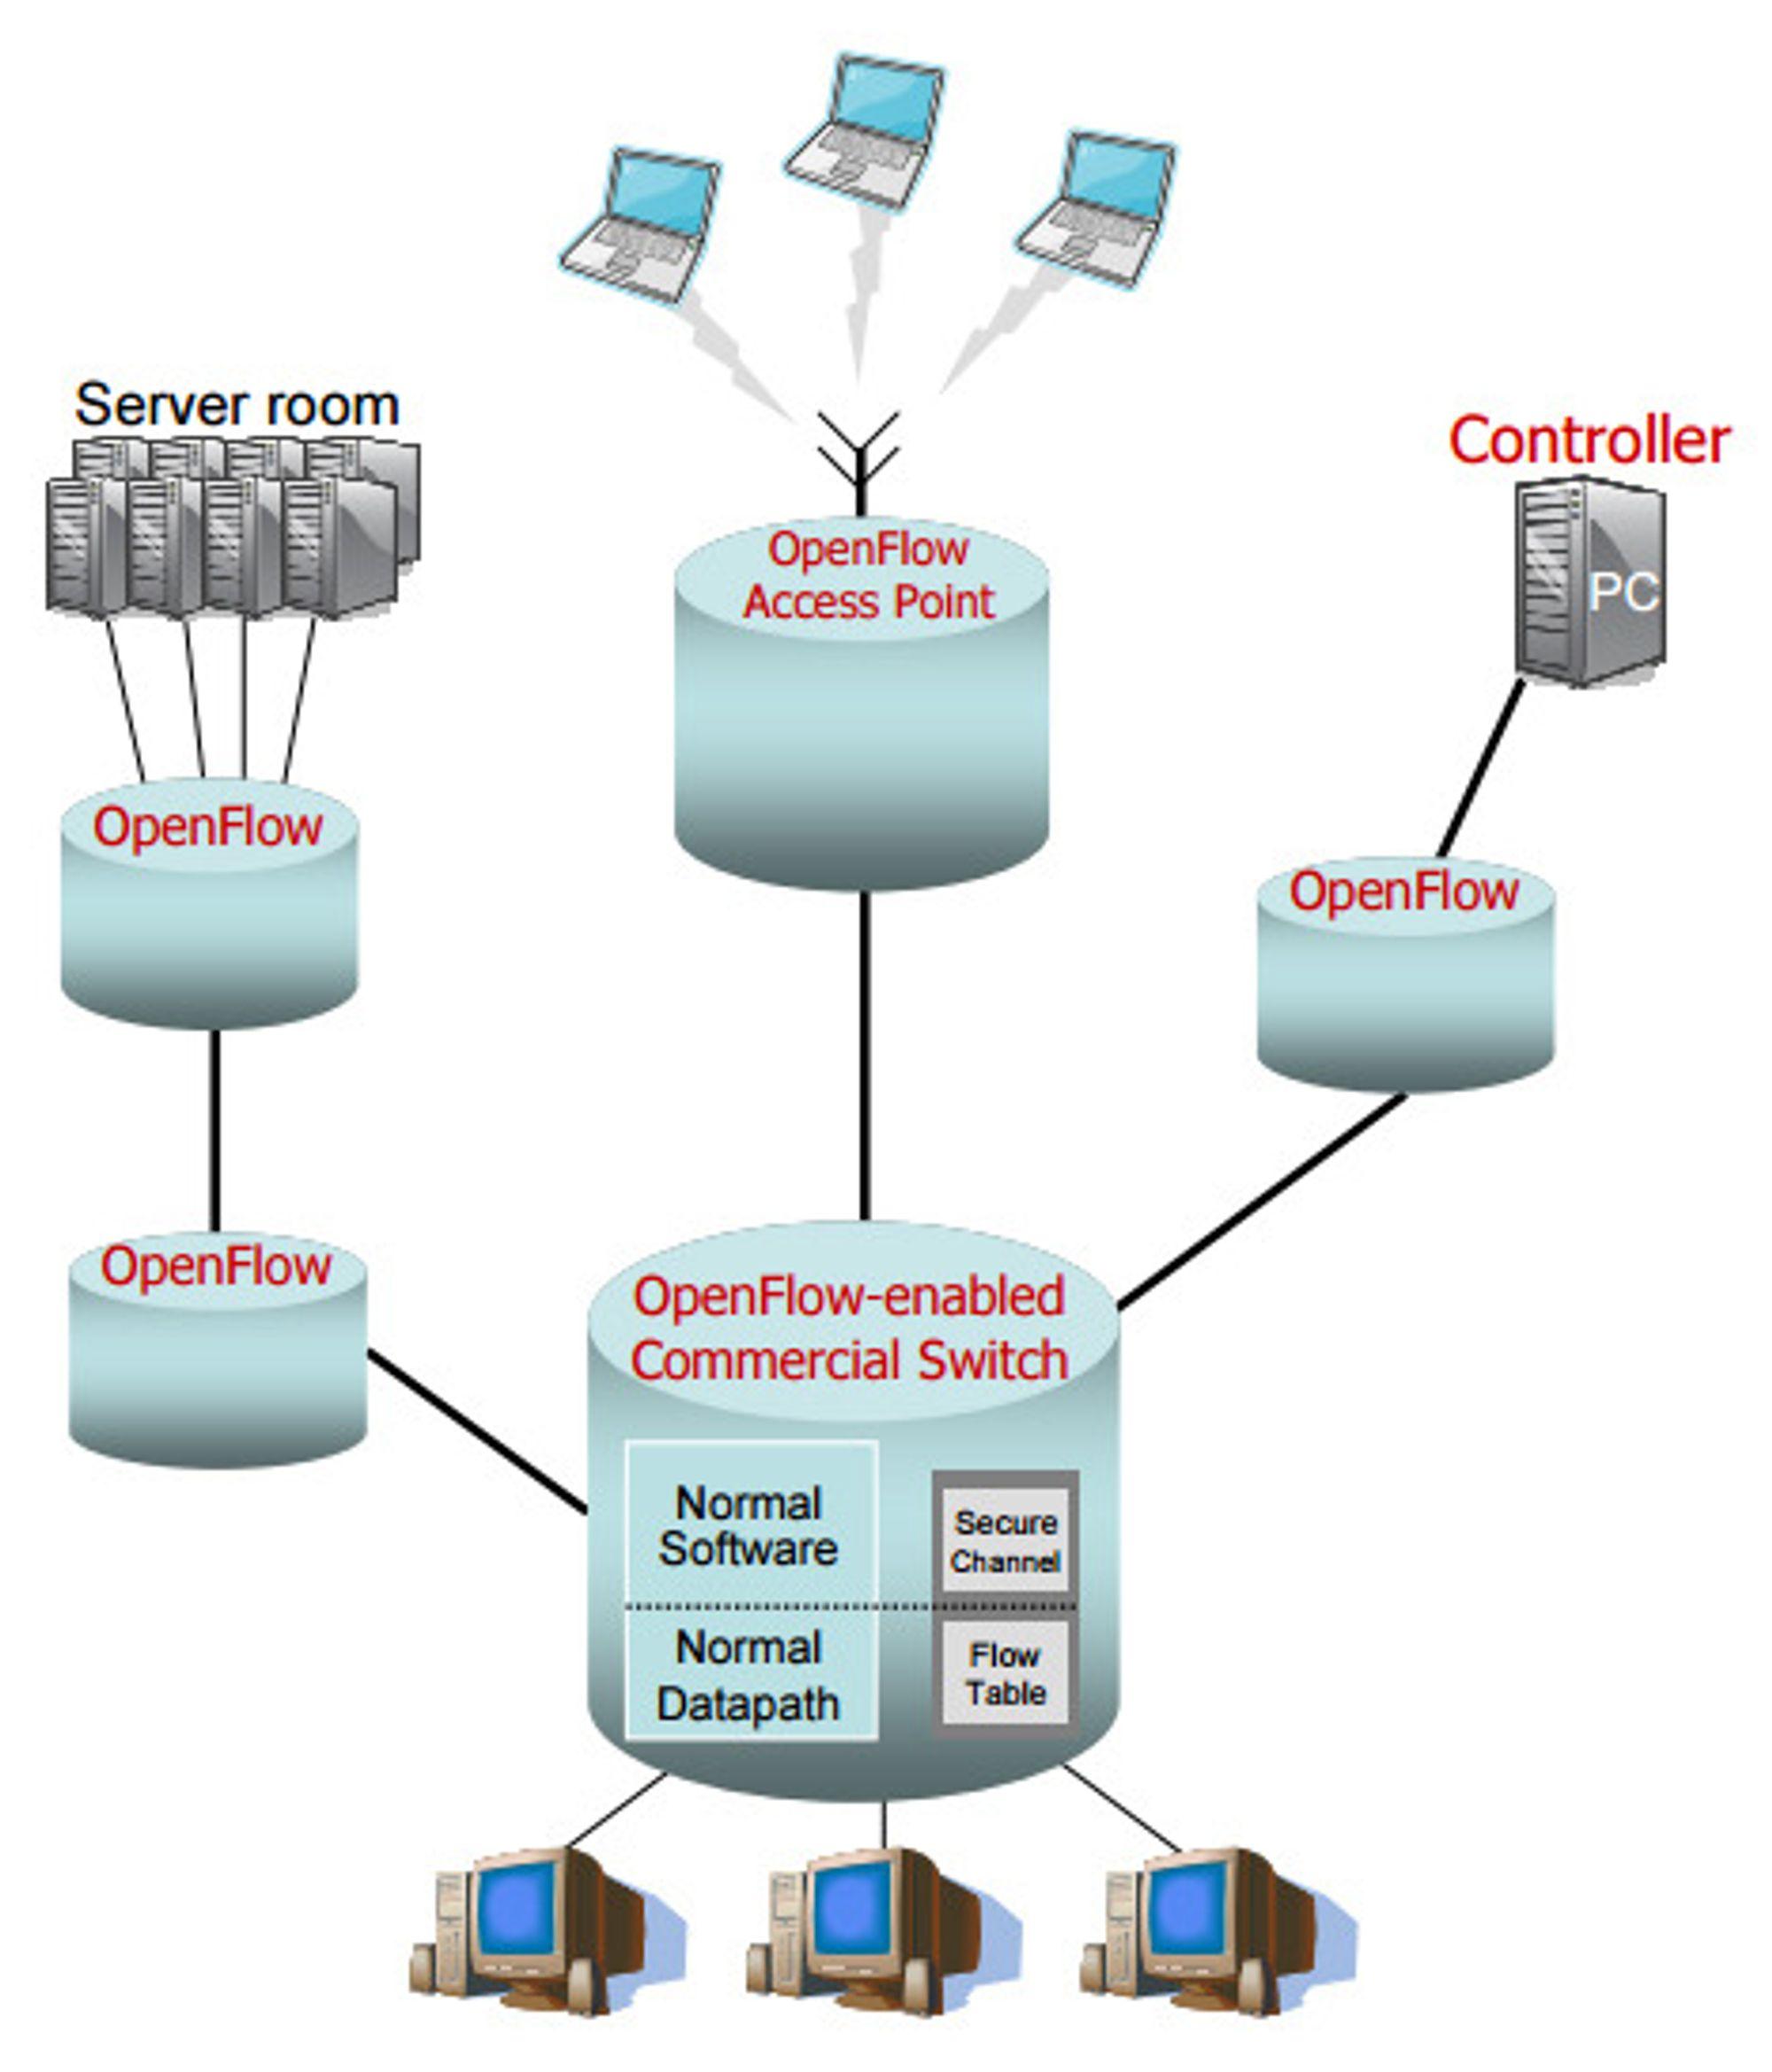 Illustrasjon fra den opprinnelige OpenFlow presentasjonen fra 2008, da protokollen var tenkt som en effektivisering av spredte lokalnett på universiteter som Stanford og Berkeley.